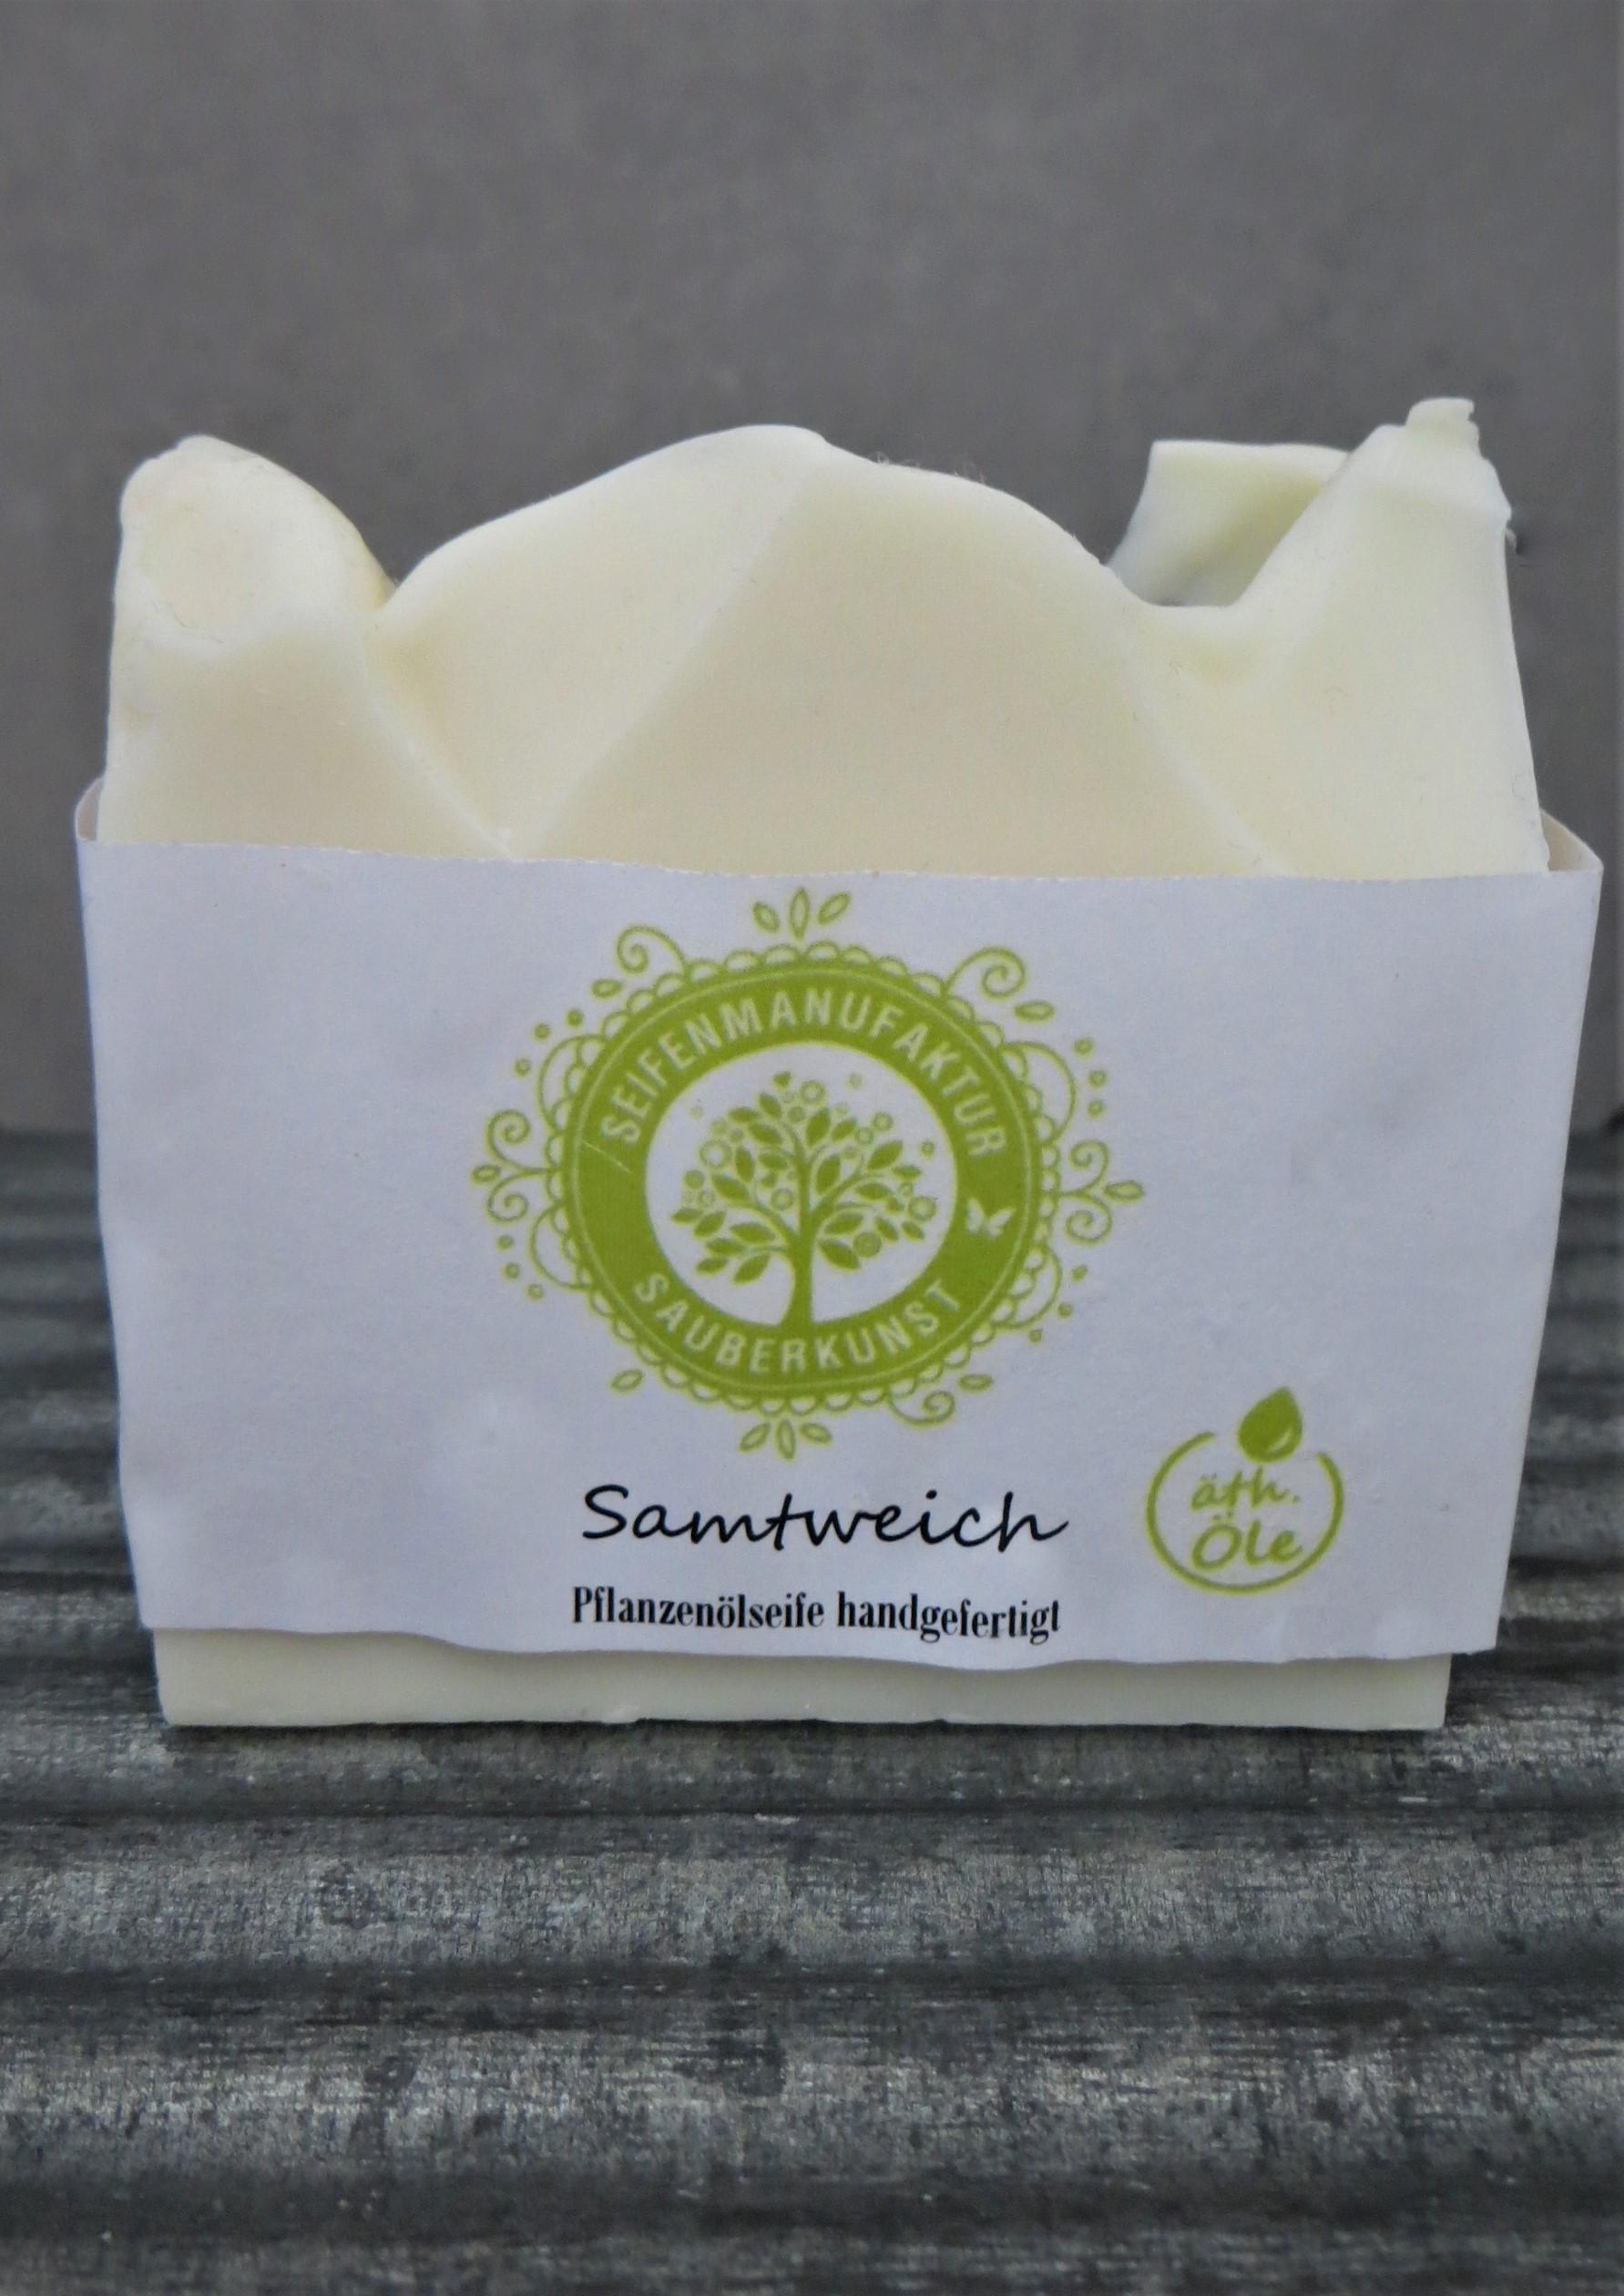 Nützlichwellness - Pflanzenölseife Samtweich100 g SauberKunst - Onlineshop Tante Emmer